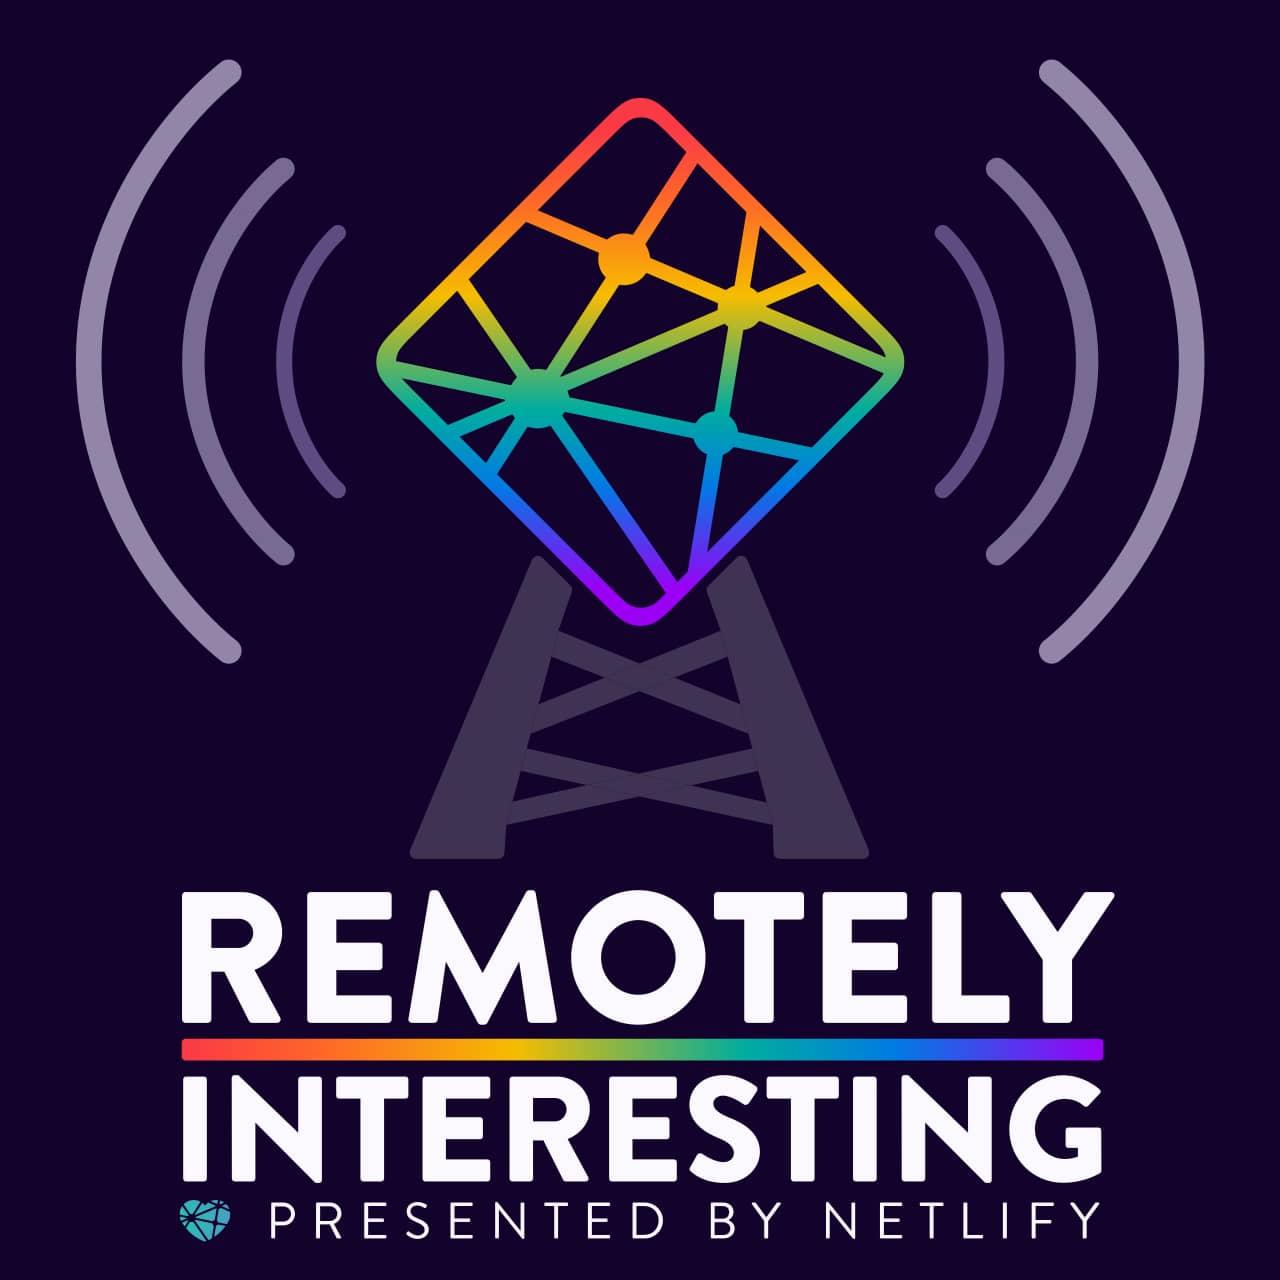 remotely interesting logo